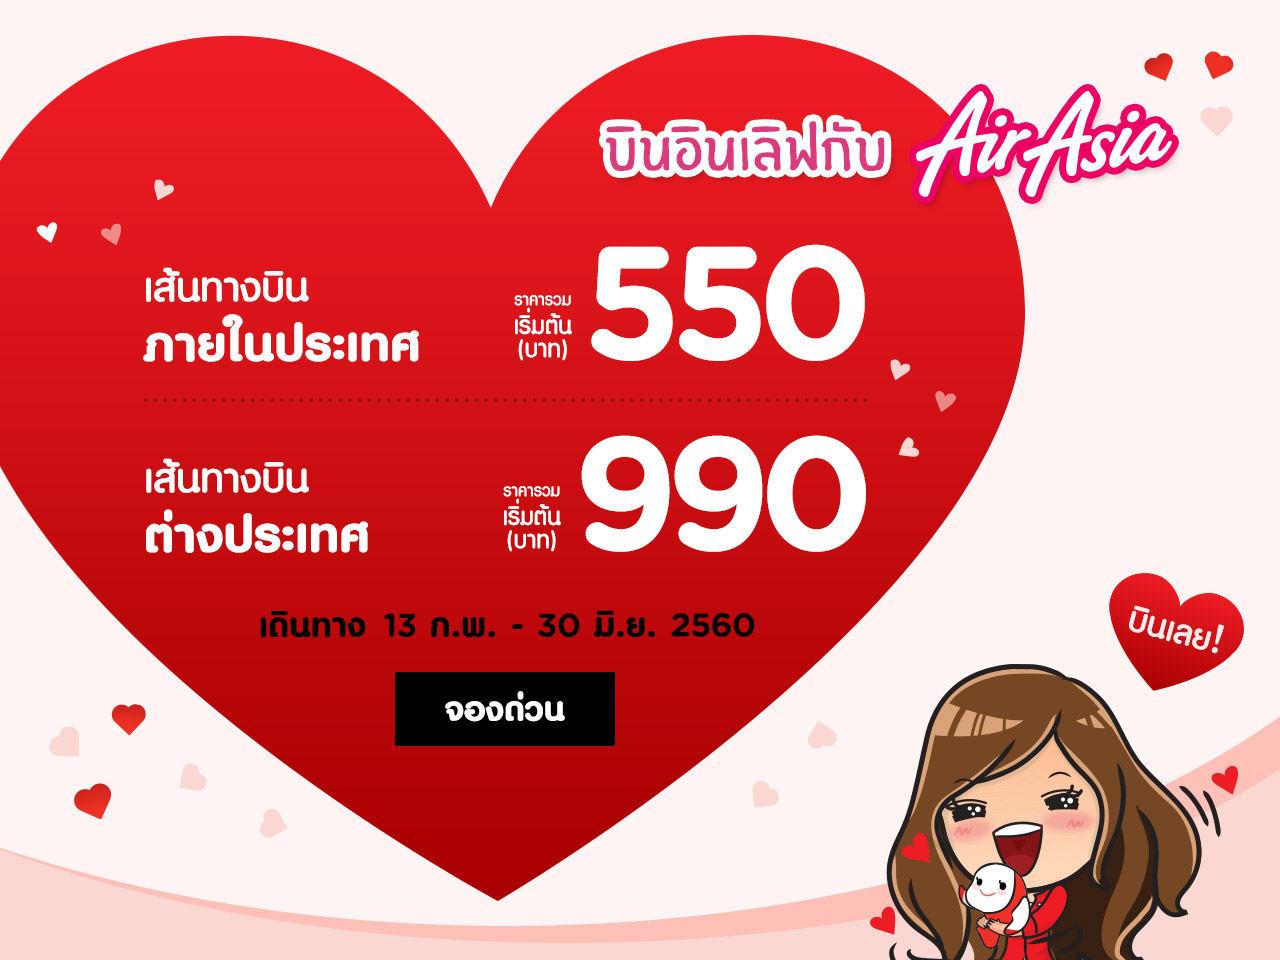 บินอินเลิฟกับ AirAsia เส้นทางบินในประเทศ เริ่มต้น 550 บาท เส้นทางต่างประเทศ เริ่มต้น 990 บาท